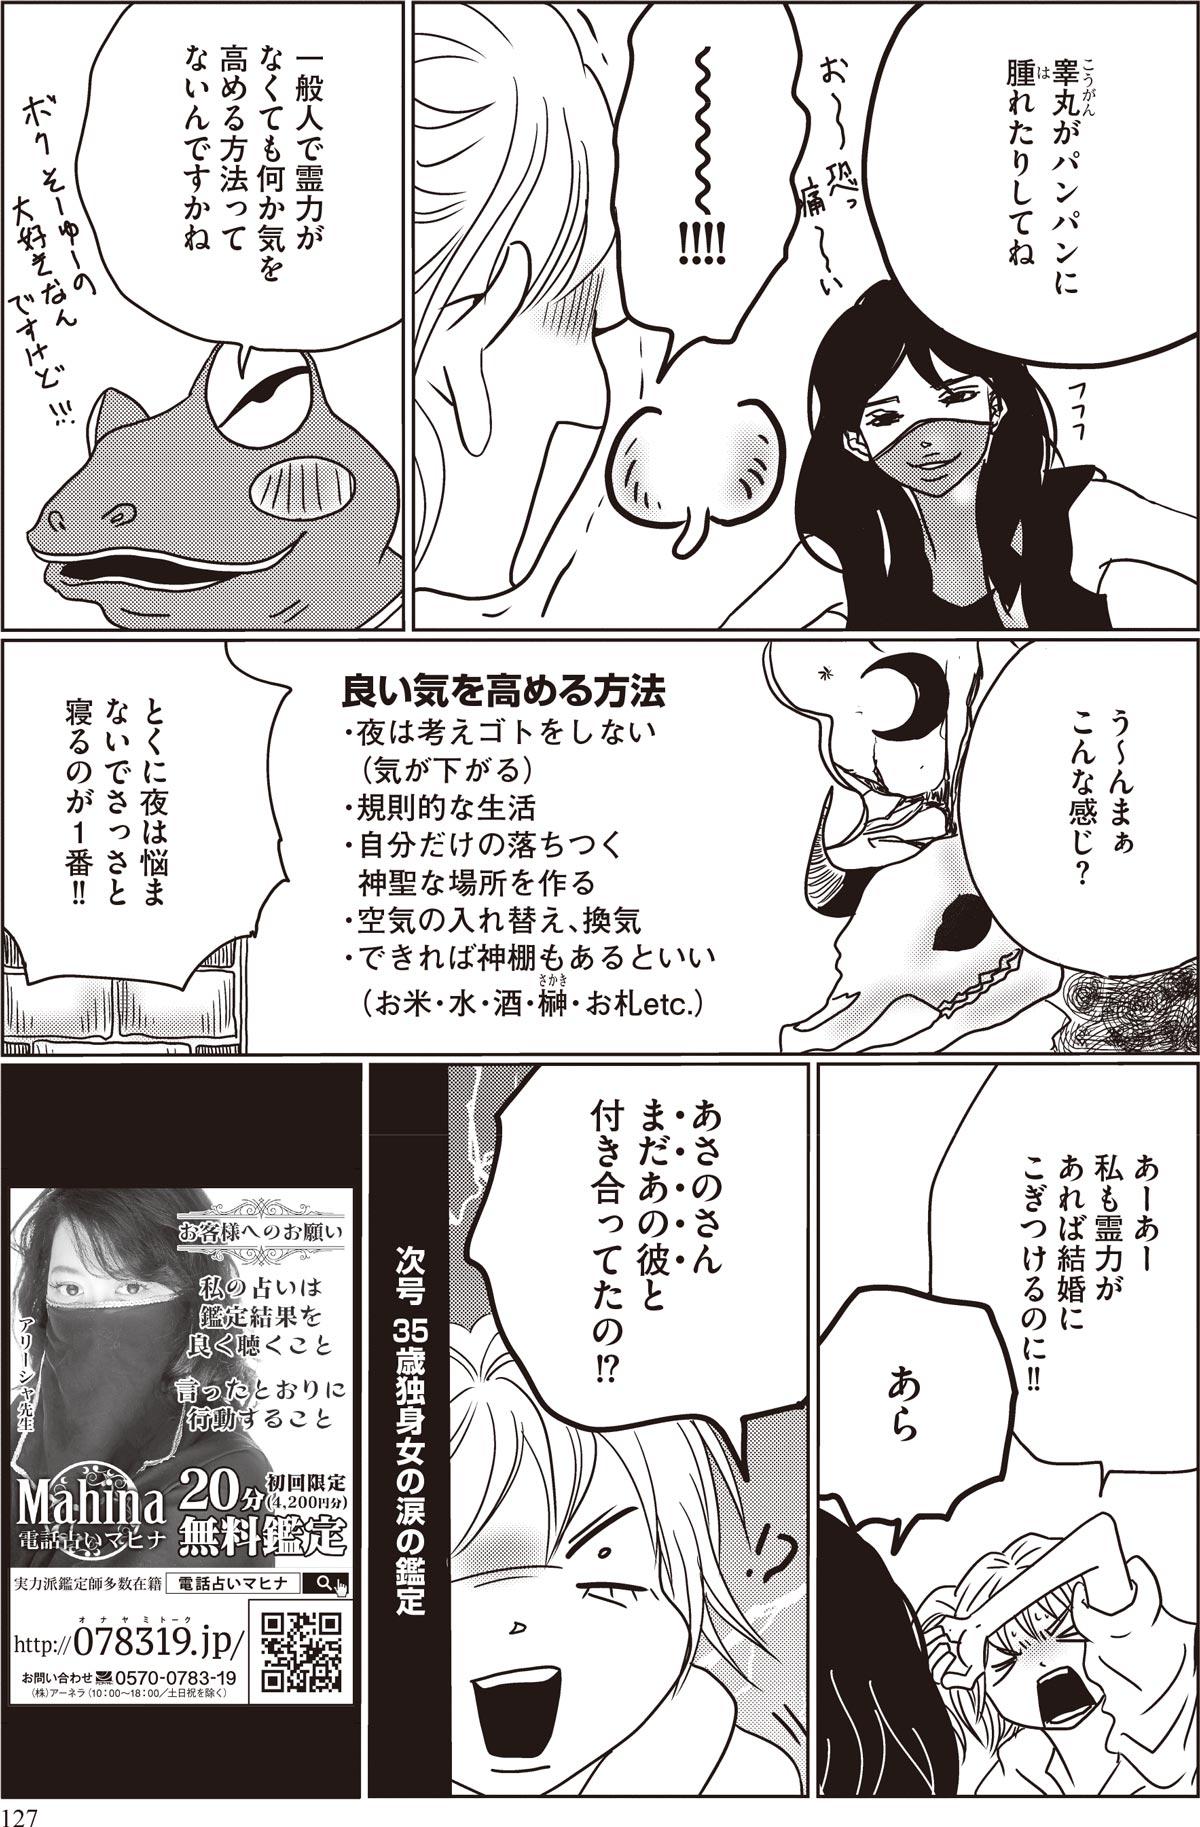 アリーシャ先生漫画4